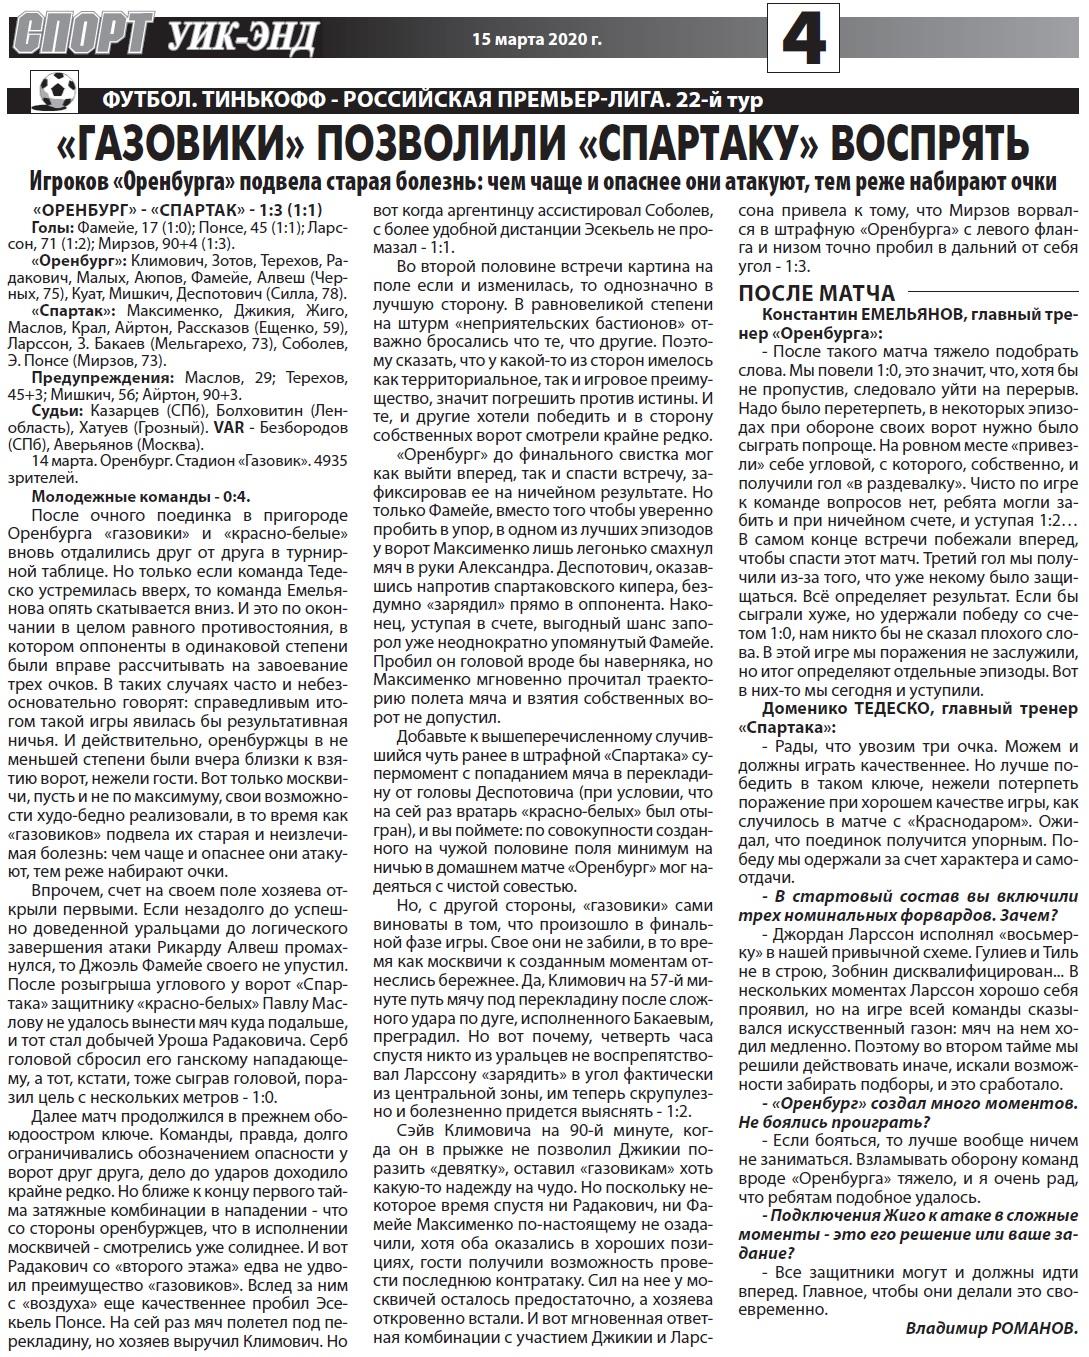 Оренбург (Оренбург) - Спартак (Москва) 1:3. Нажмите, чтобы посмотреть истинный размер рисунка